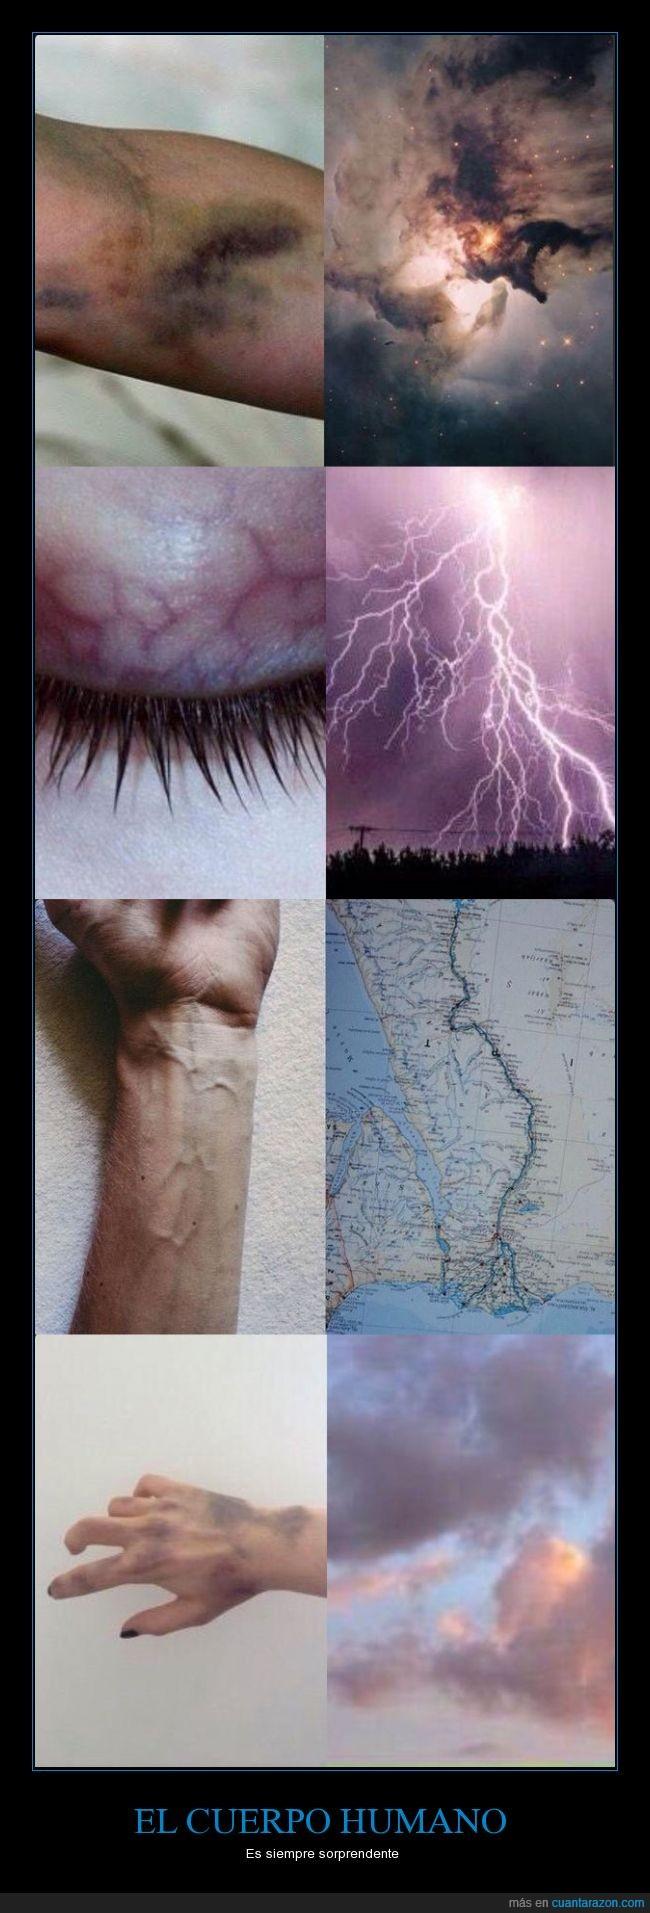 bruises,cardenal,cielo,comparacion,cuerpo,espacio,galaxia,humano,mano,mapa,morado,nube,parecido,semejante,venas